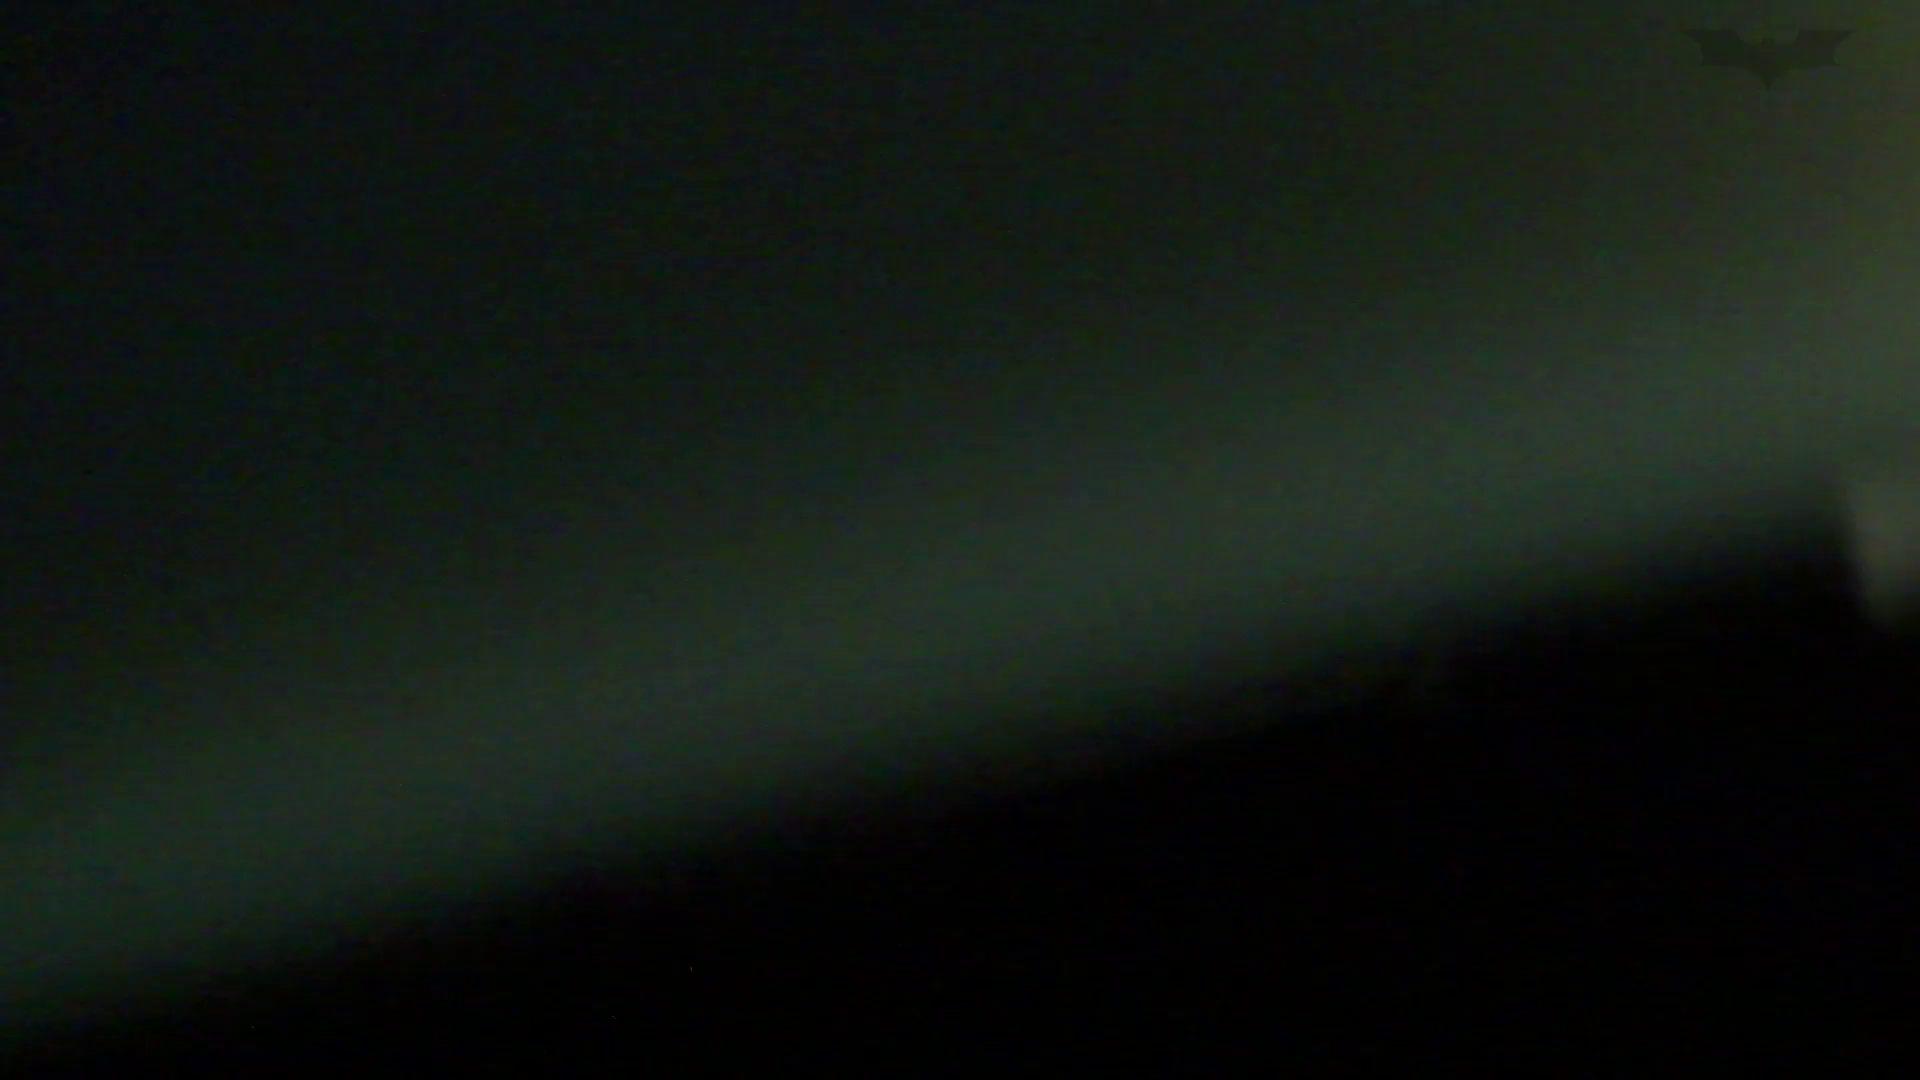 ギャルのツルピカ潜入盗撮!Vol.10 エッチな盗撮 オマンコ無修正動画無料 113pic 75